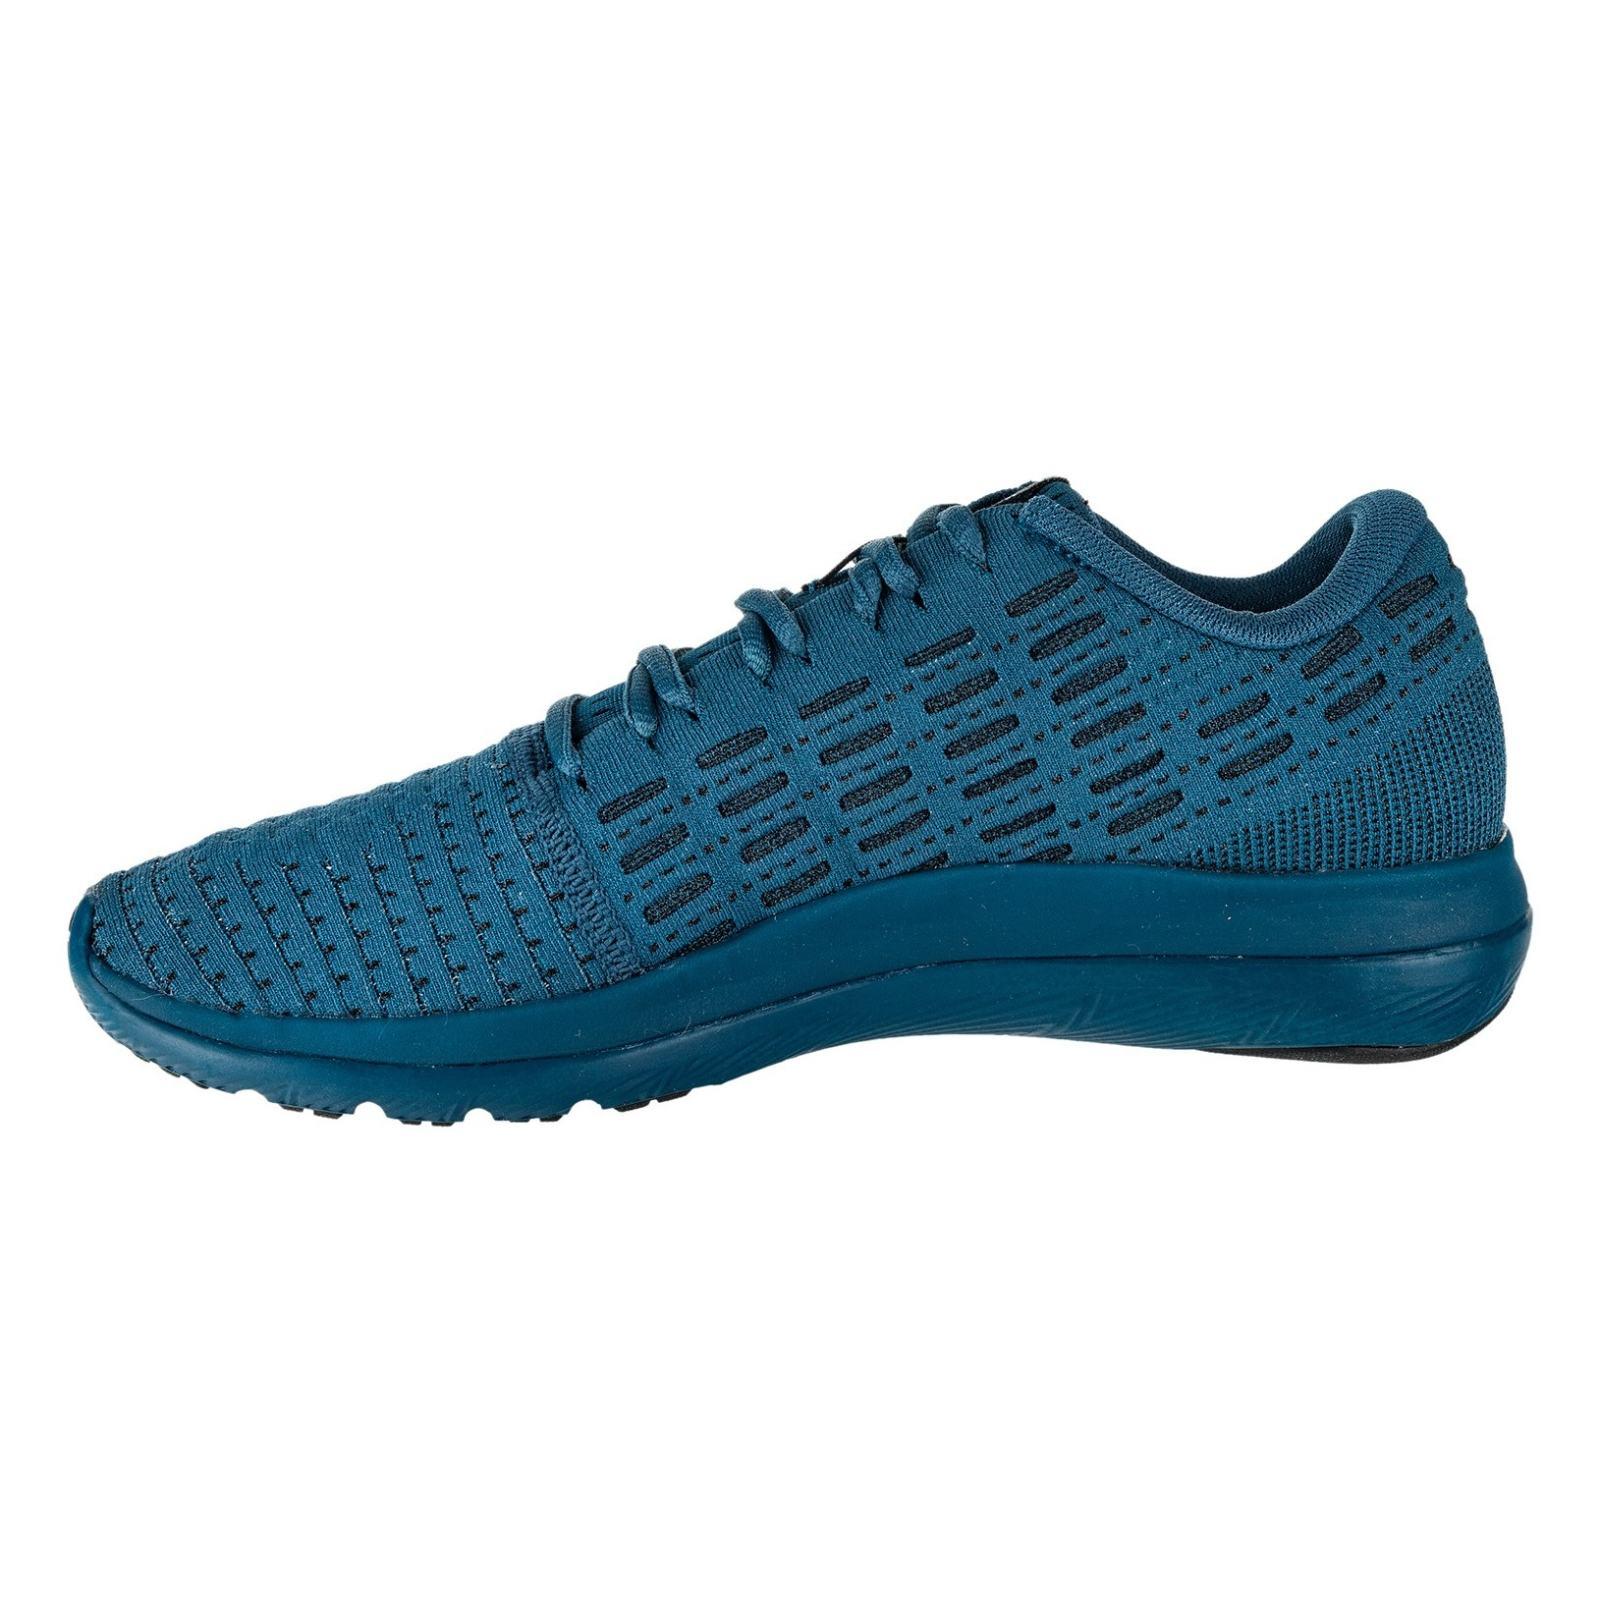 کفش دویدن بندی مردانه Threadborne Slingflex - آندر آرمور - آبي تيره - 2